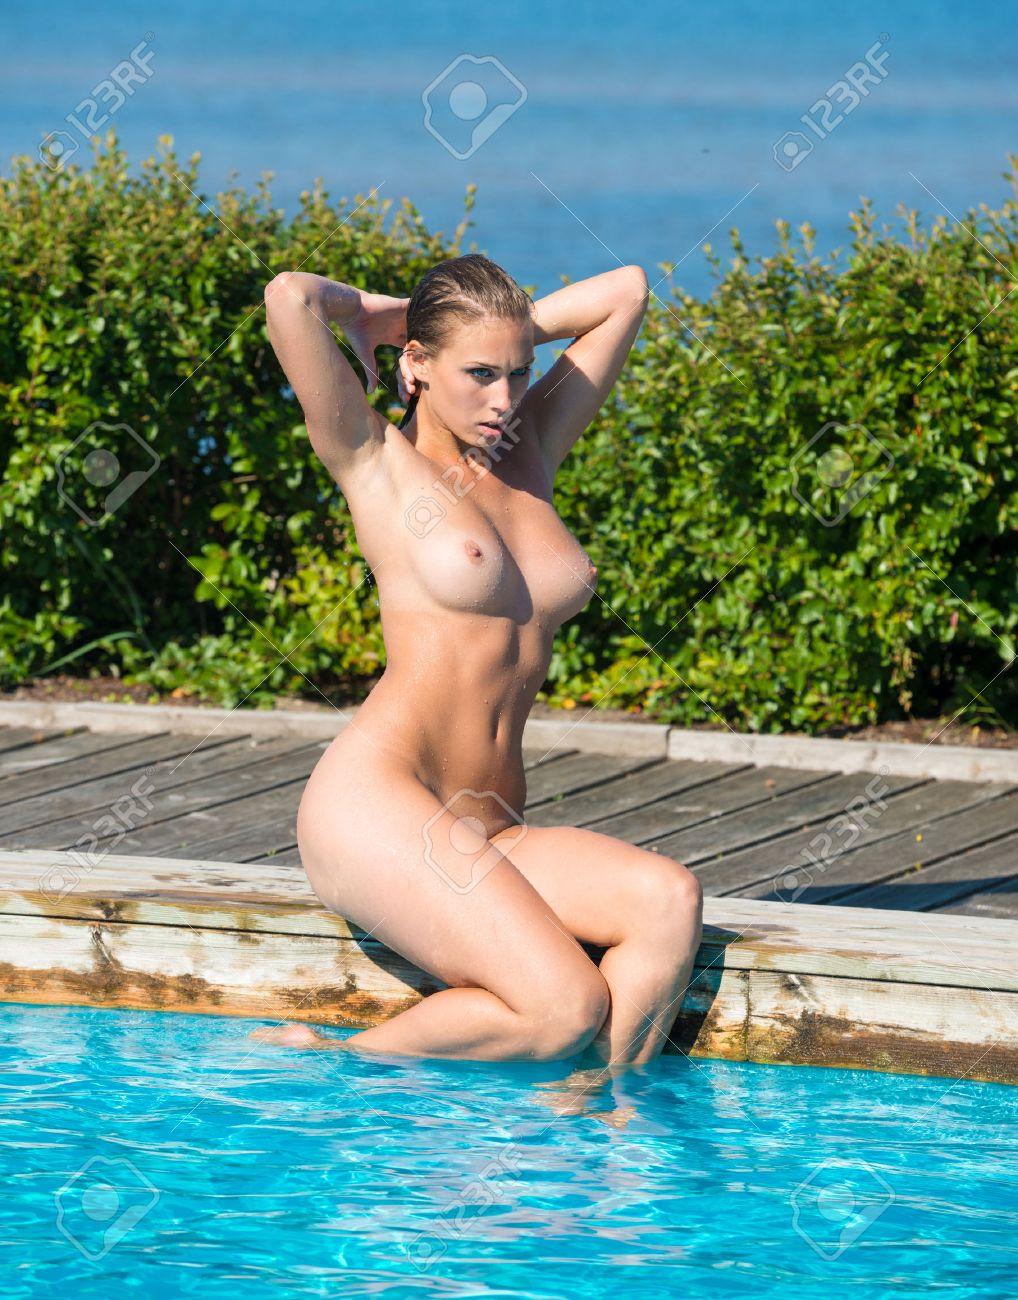 Nackt frauen schwimmbad